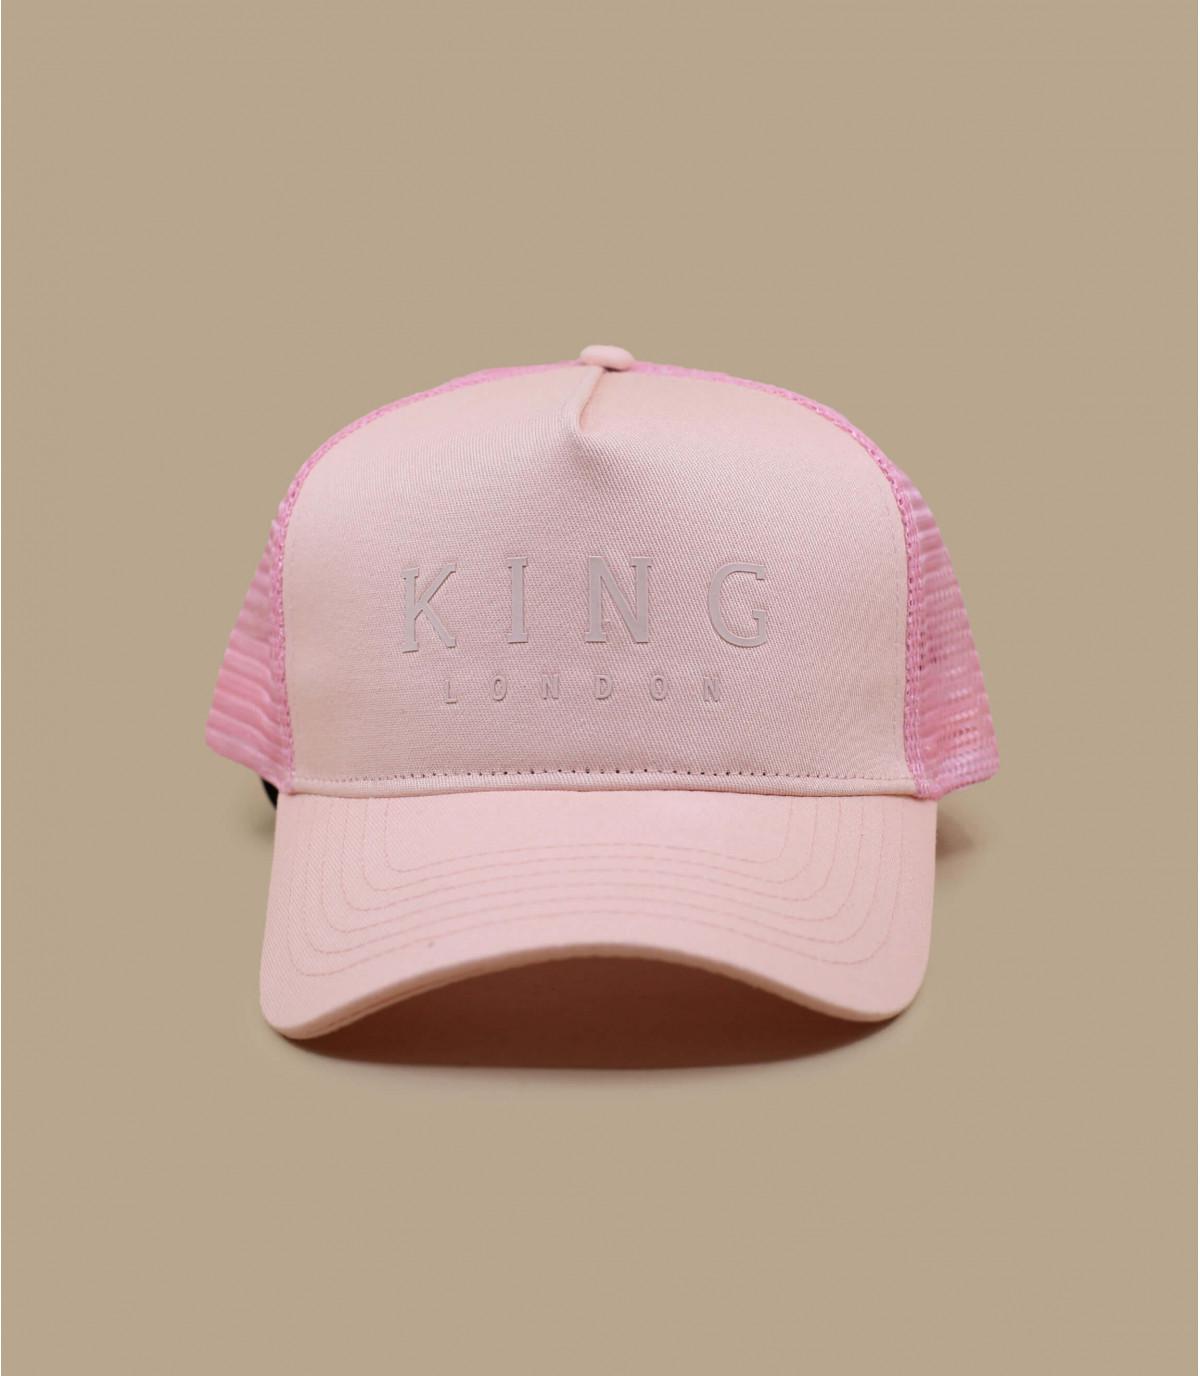 Casquette King Apparel, achat en ligne - Headict ca2c6e991de